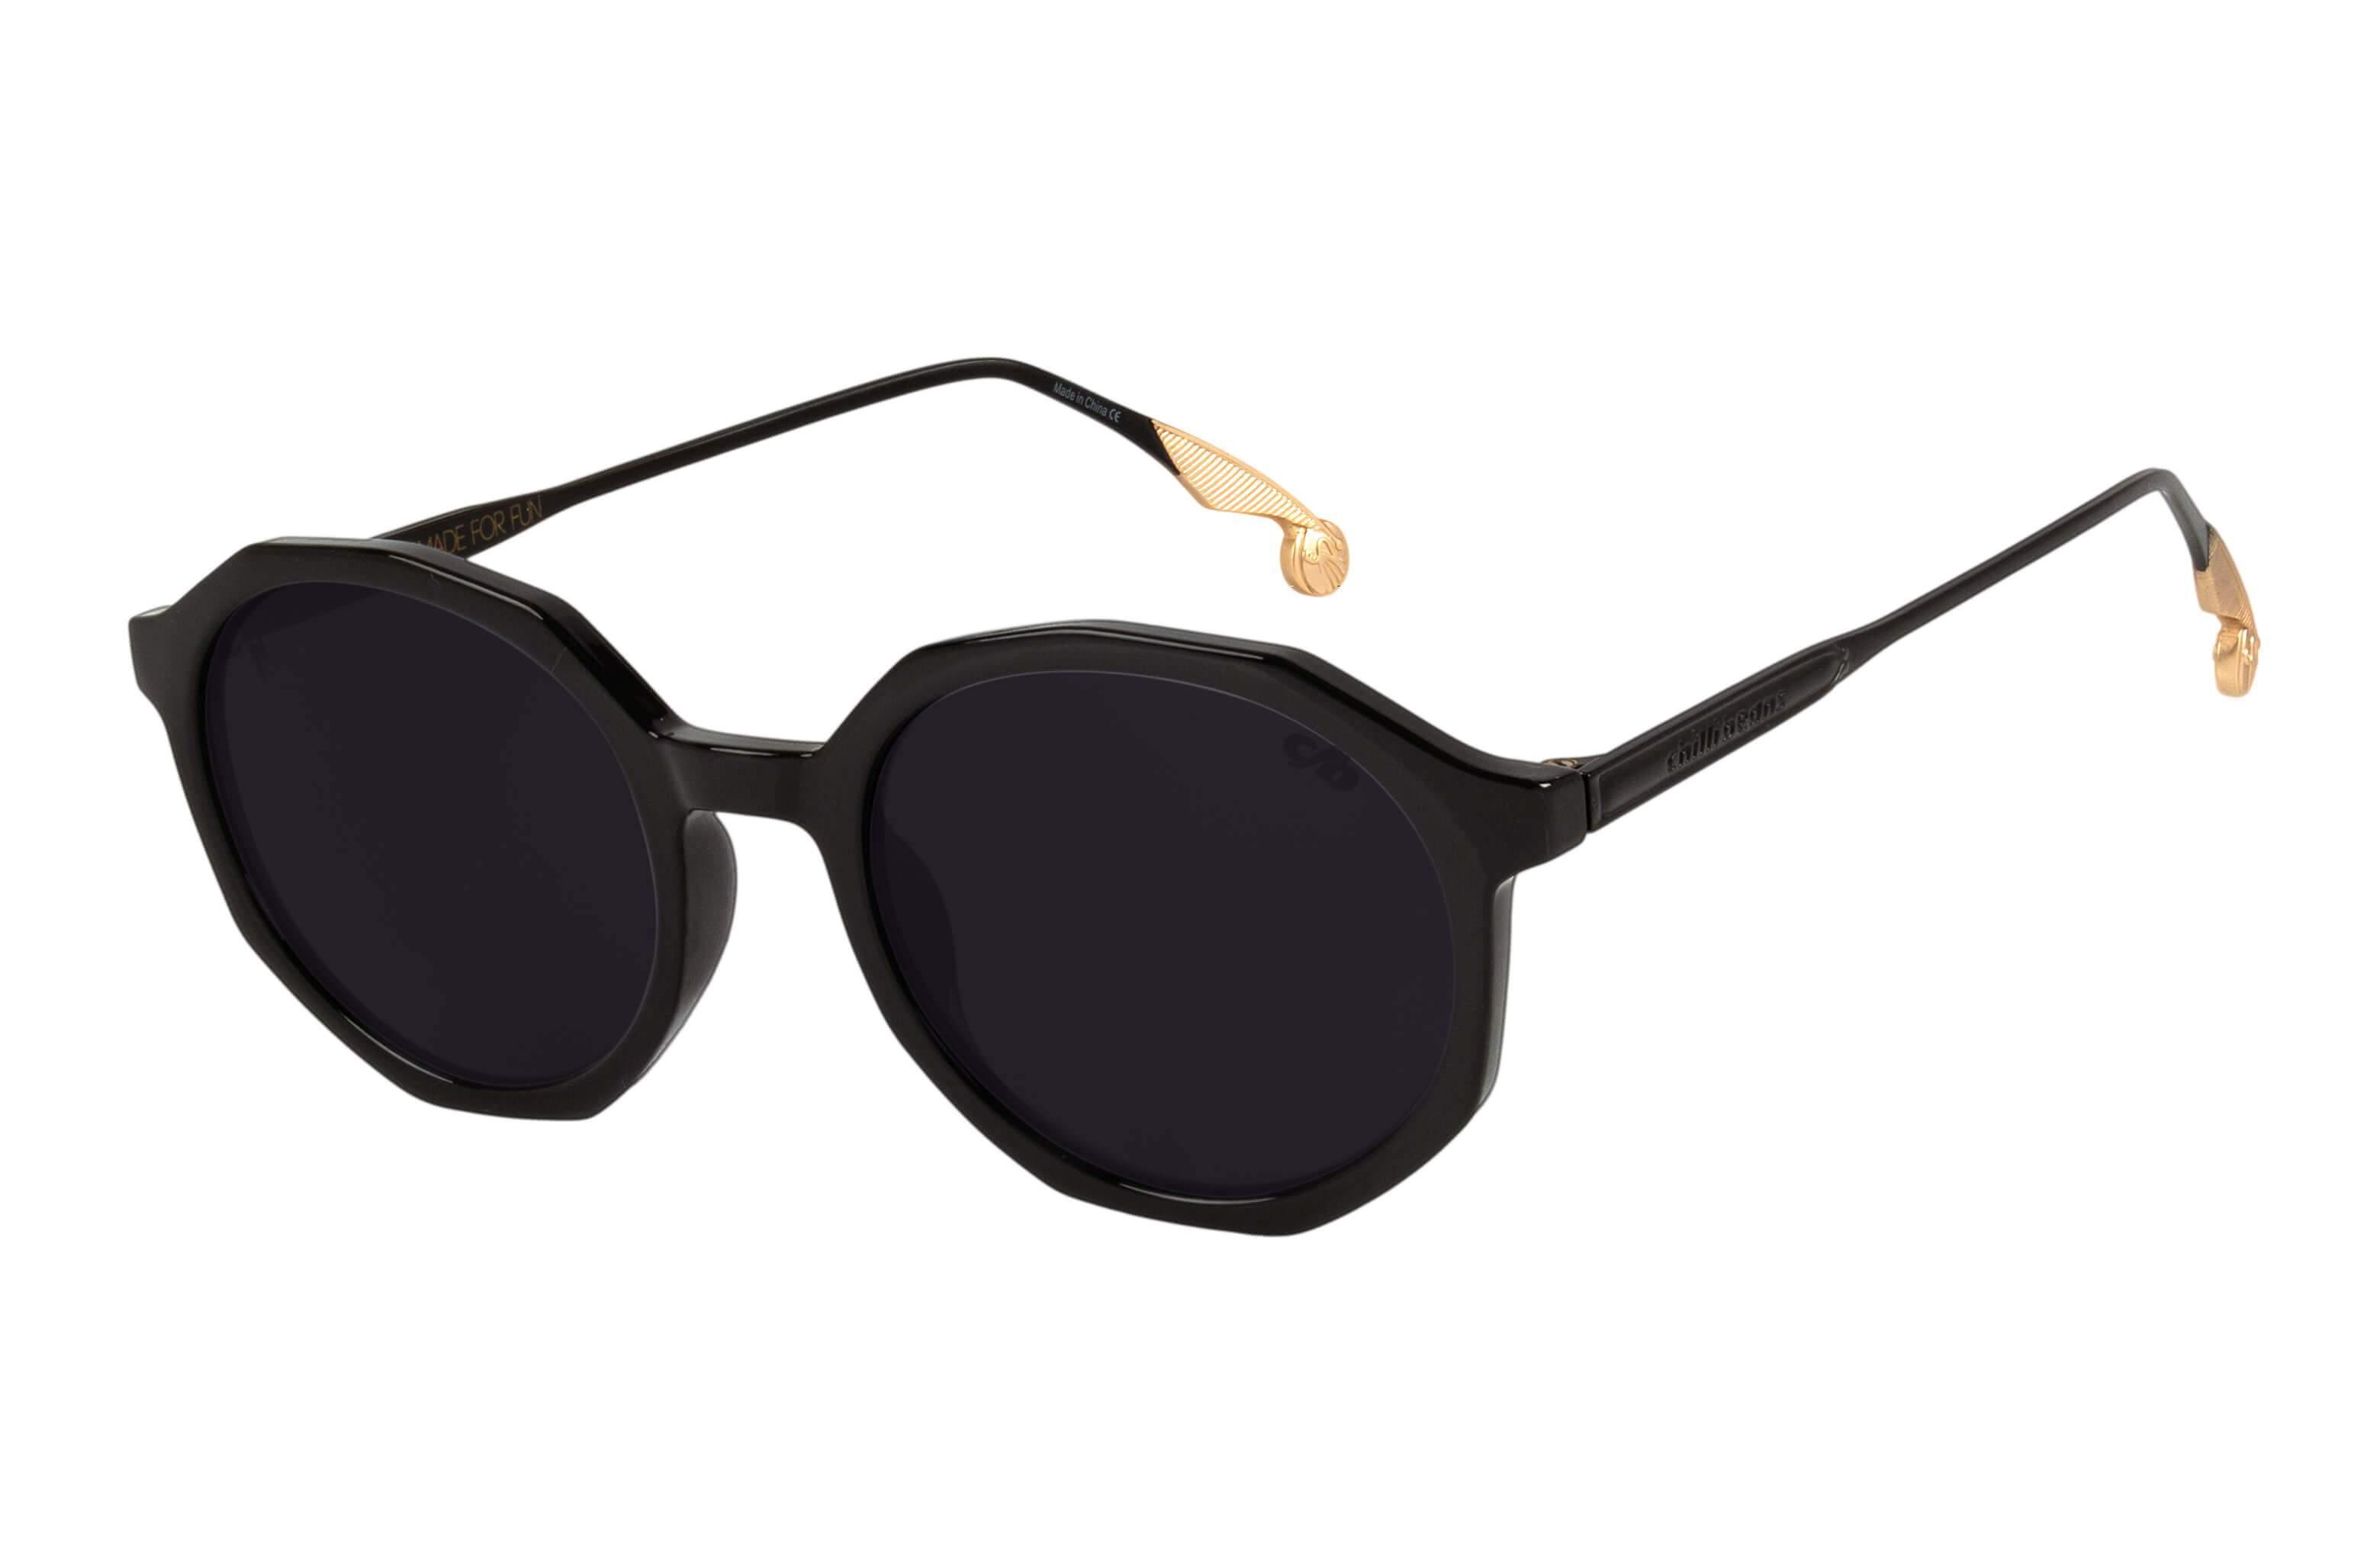 52f59aa65b9e3 Estes óculos são uma homenagem ao jogo de Quidditch